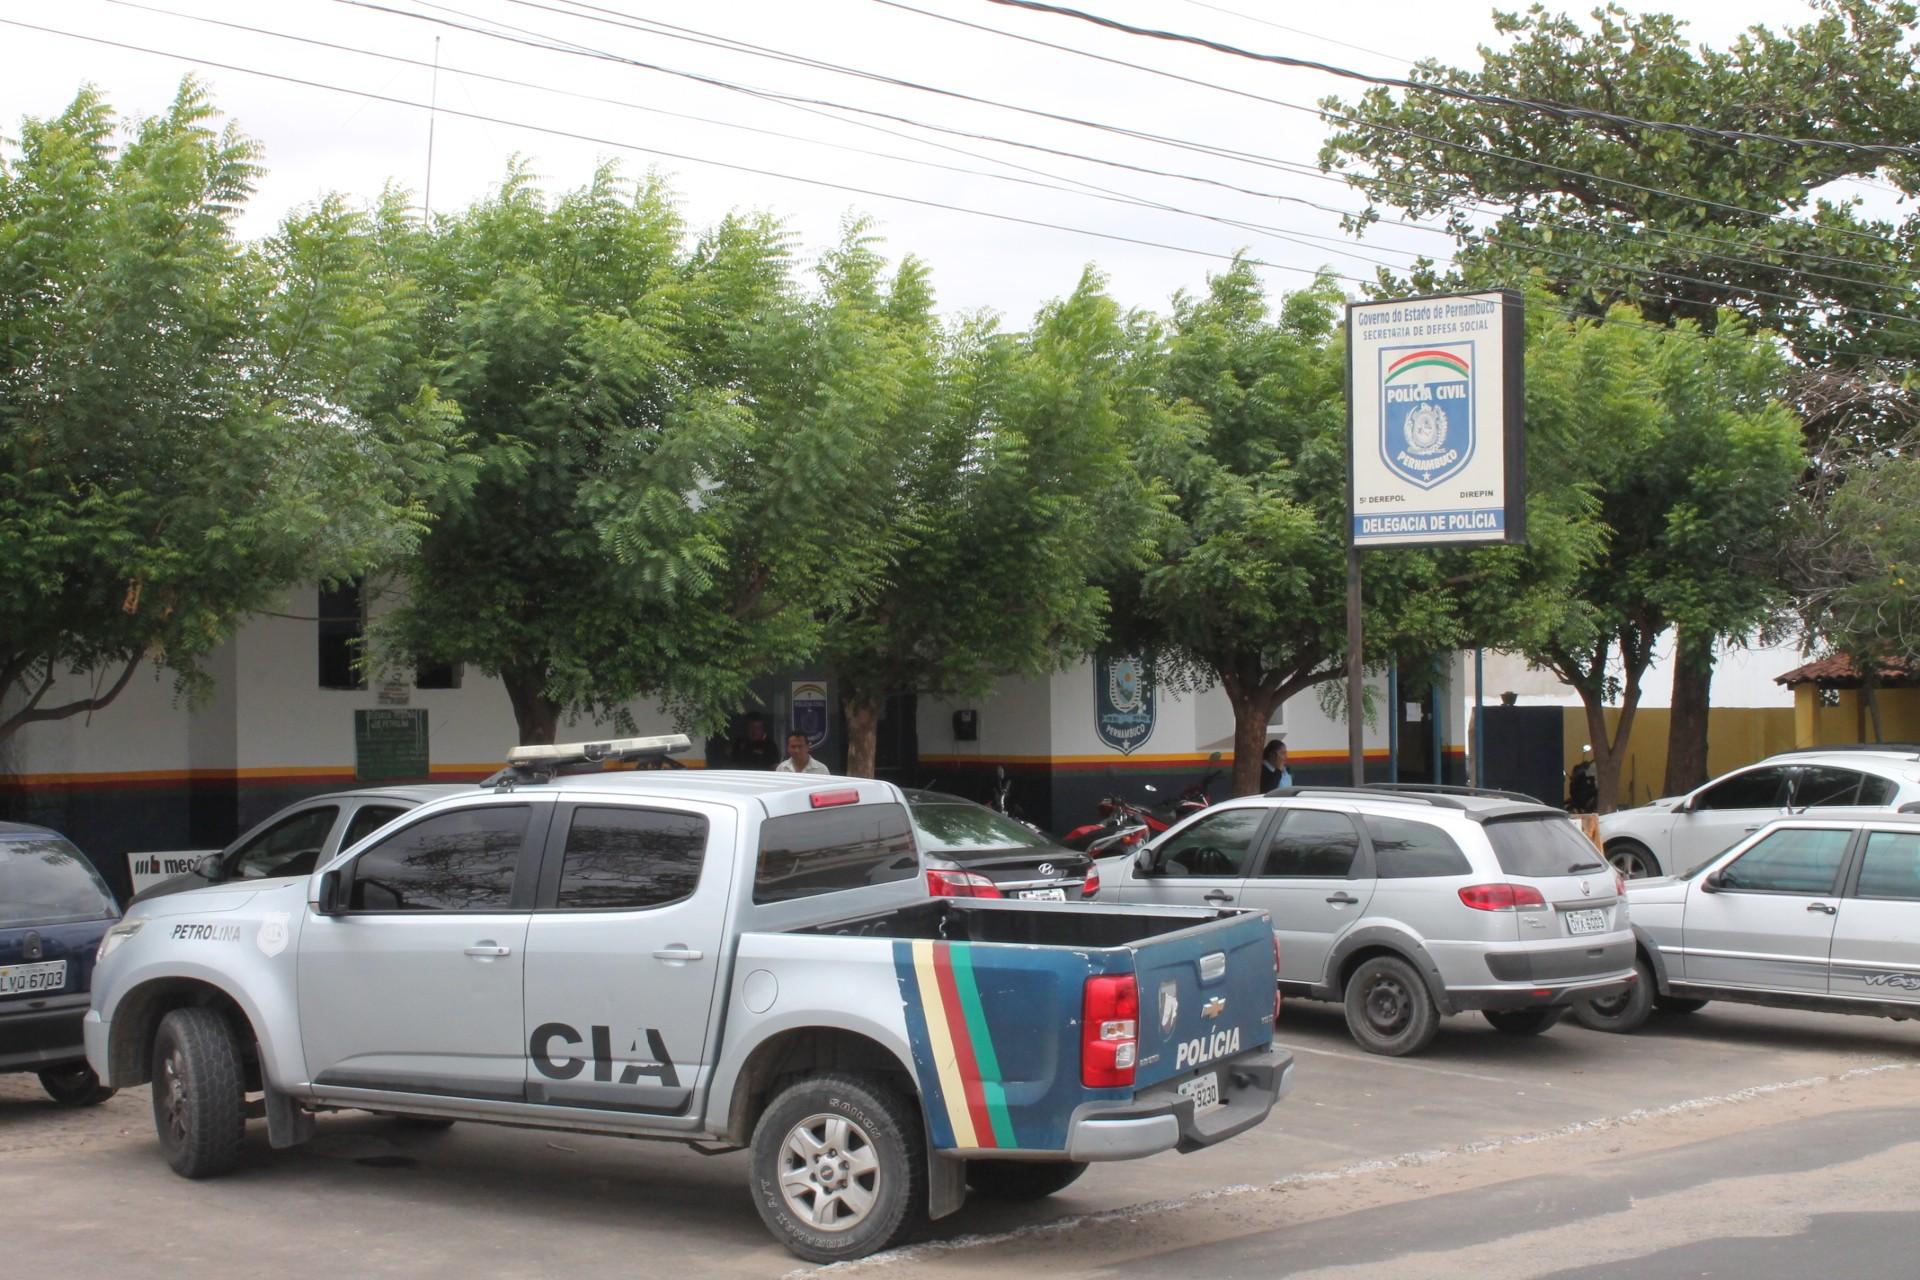 Polícia prende duas mulheres suspeitas de comercializar drogas em Petrolina, PE - Notícias - Plantão Diário